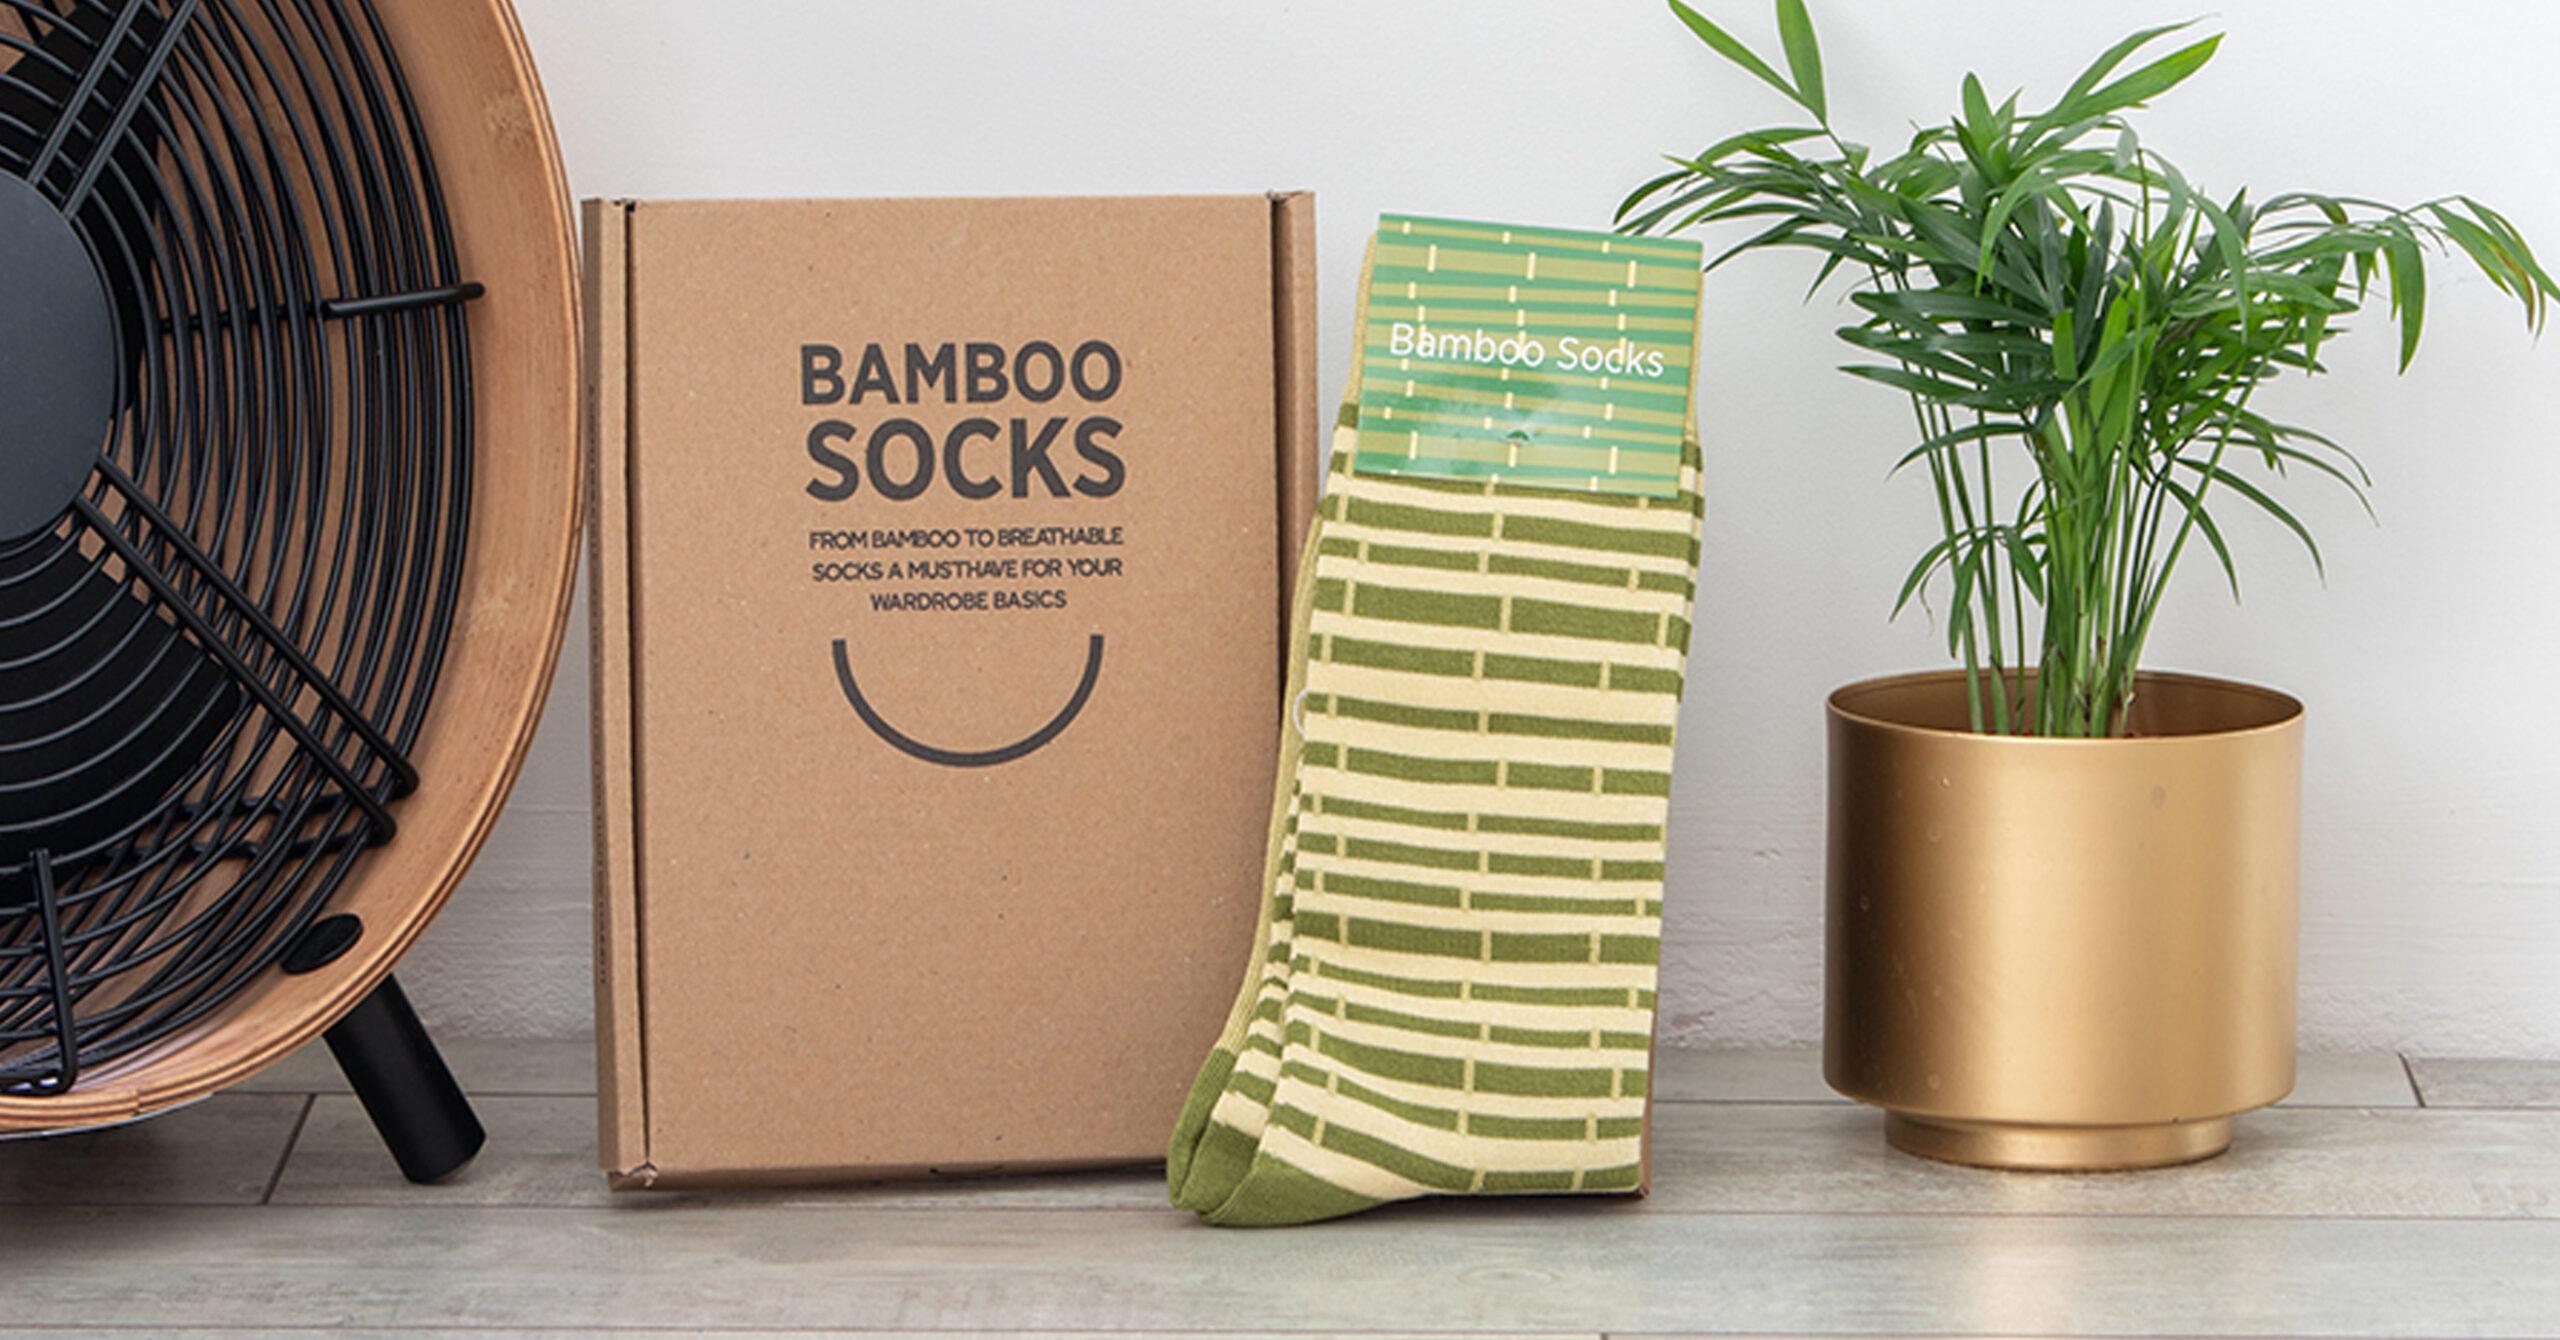 bamboo eco-friendly socks